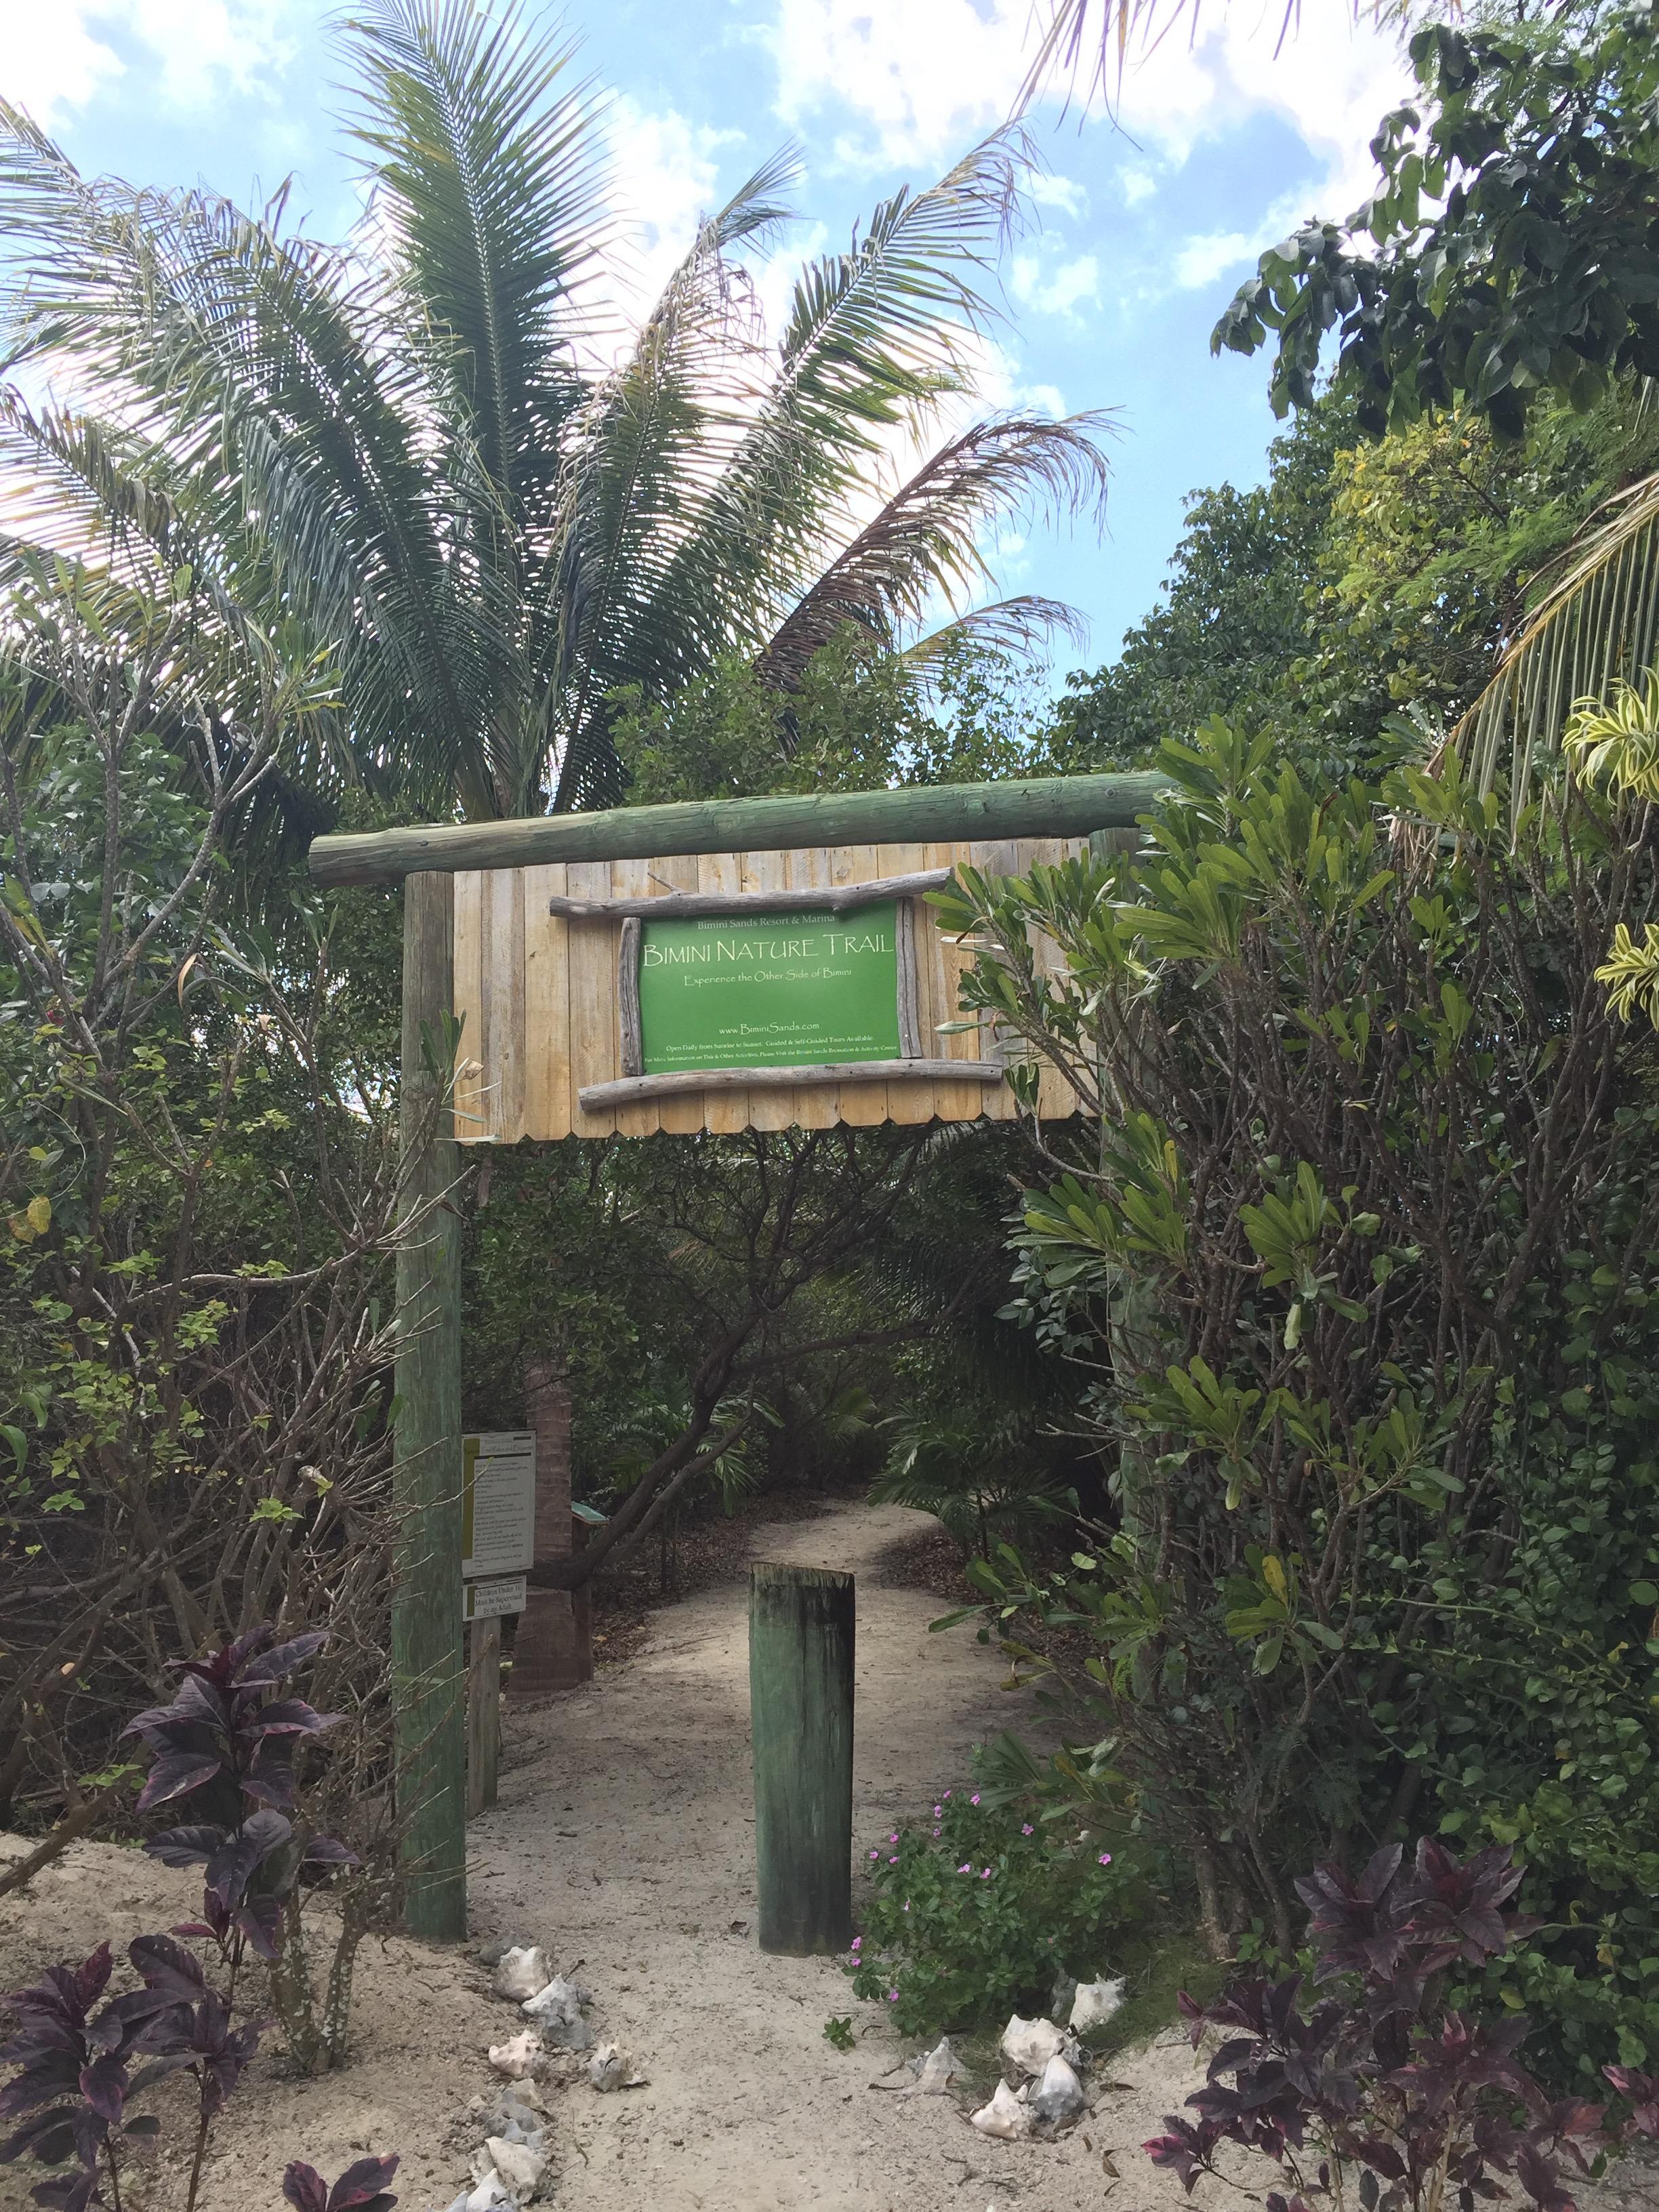 bimini nature trail